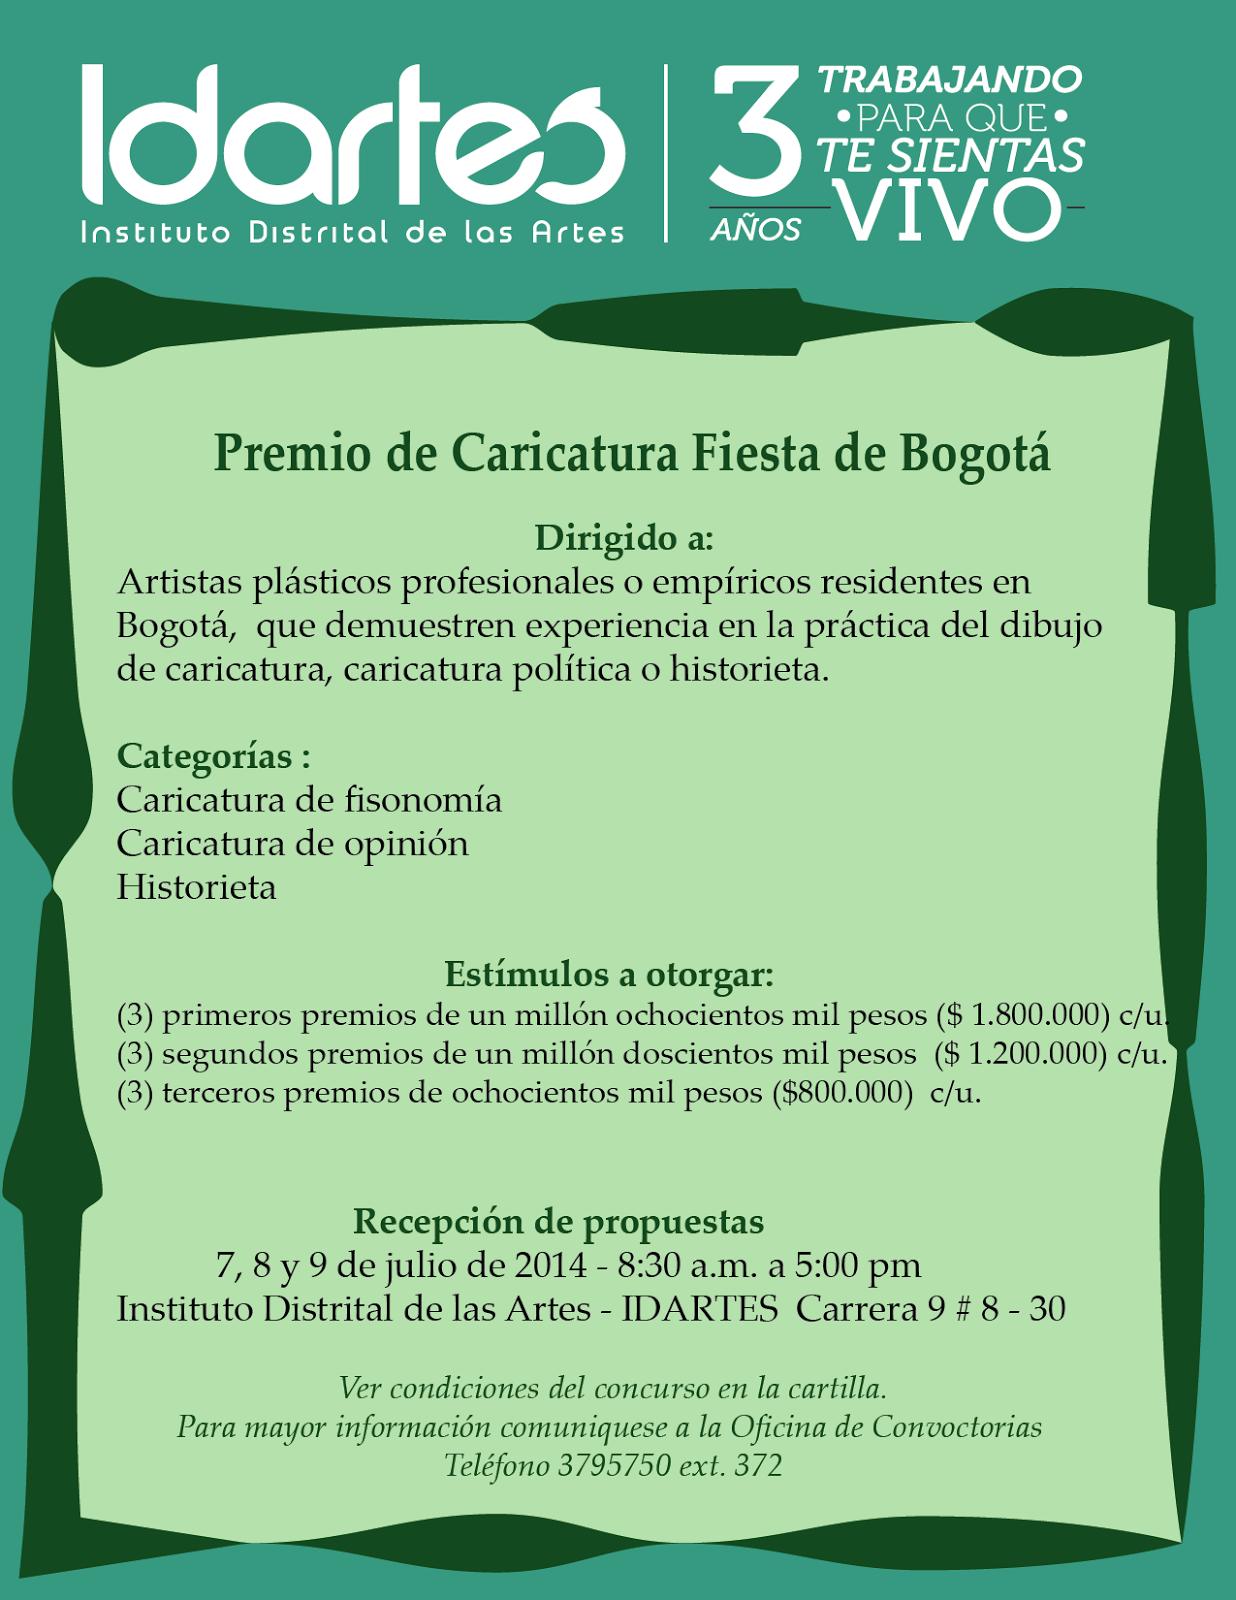 CARTILLA PREMIO DE CARICATURA FIESTA DE BOGOTÁ